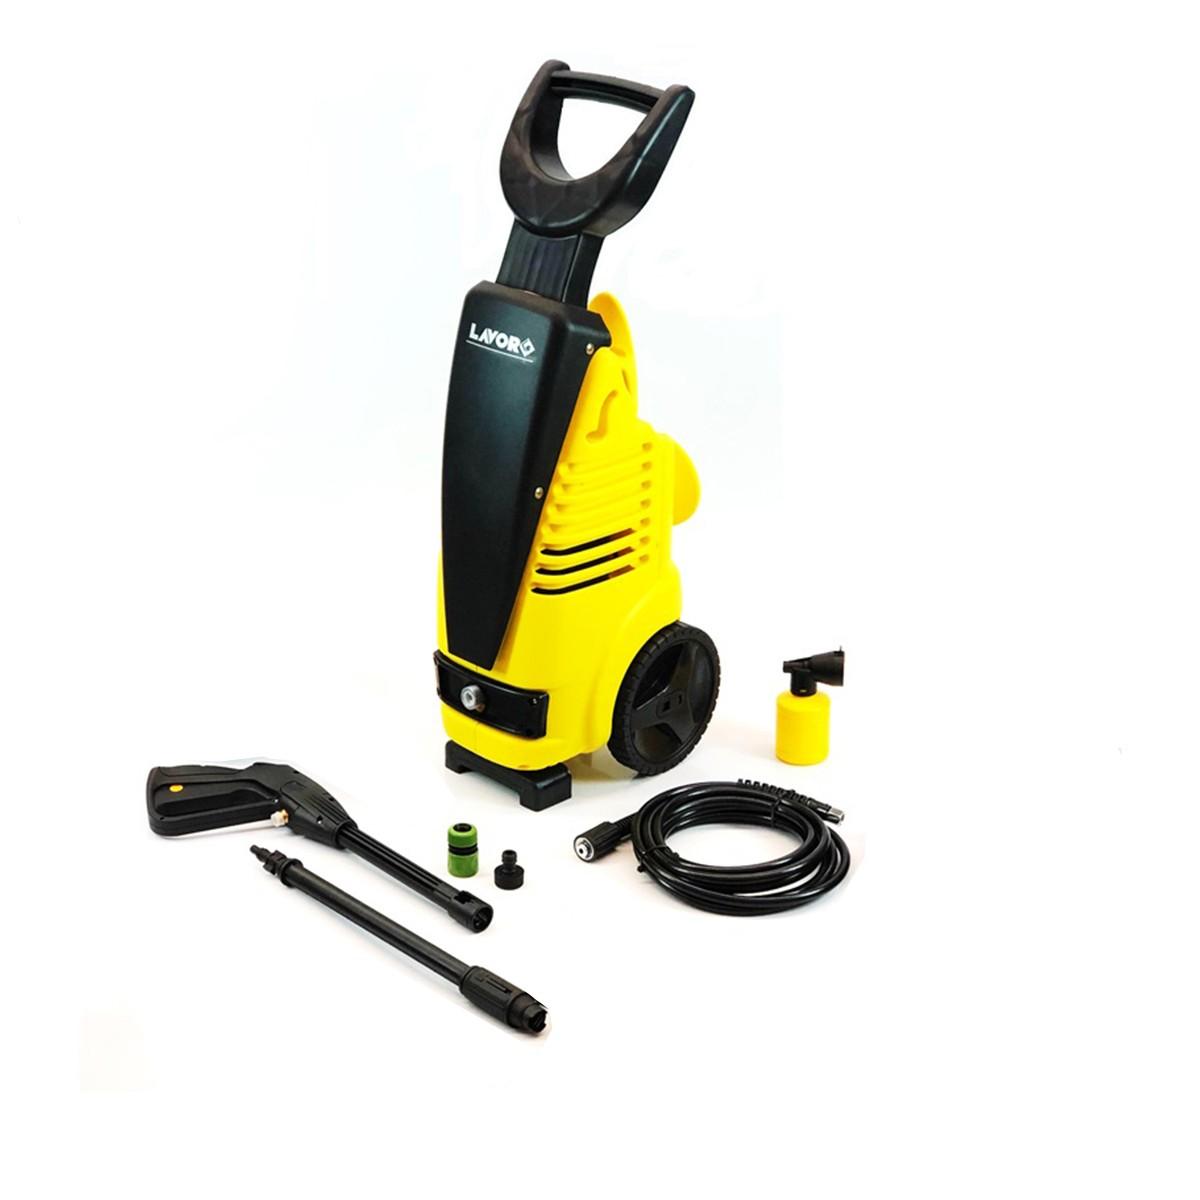 Lavadora de Alta Pressão Lavor Magnum Turbo 1800W